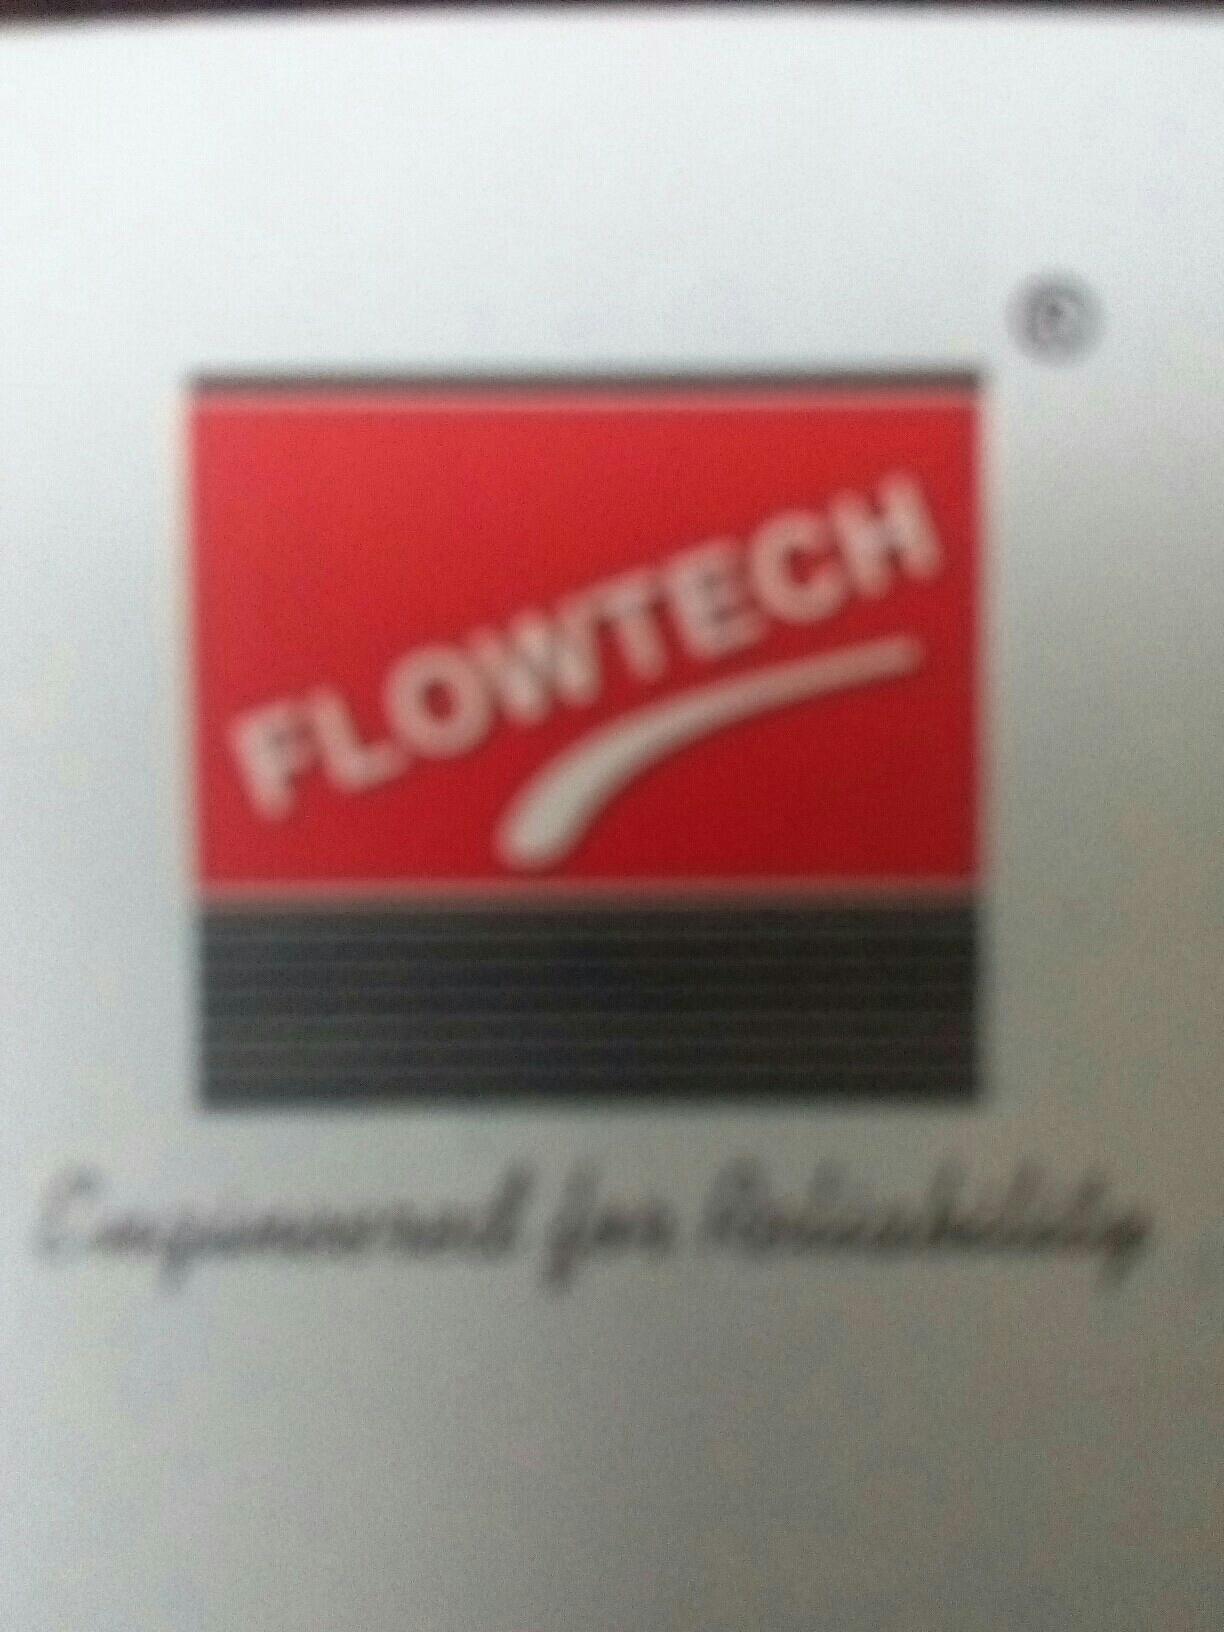 Flowtech Measuring Instruments Pvt Ltd